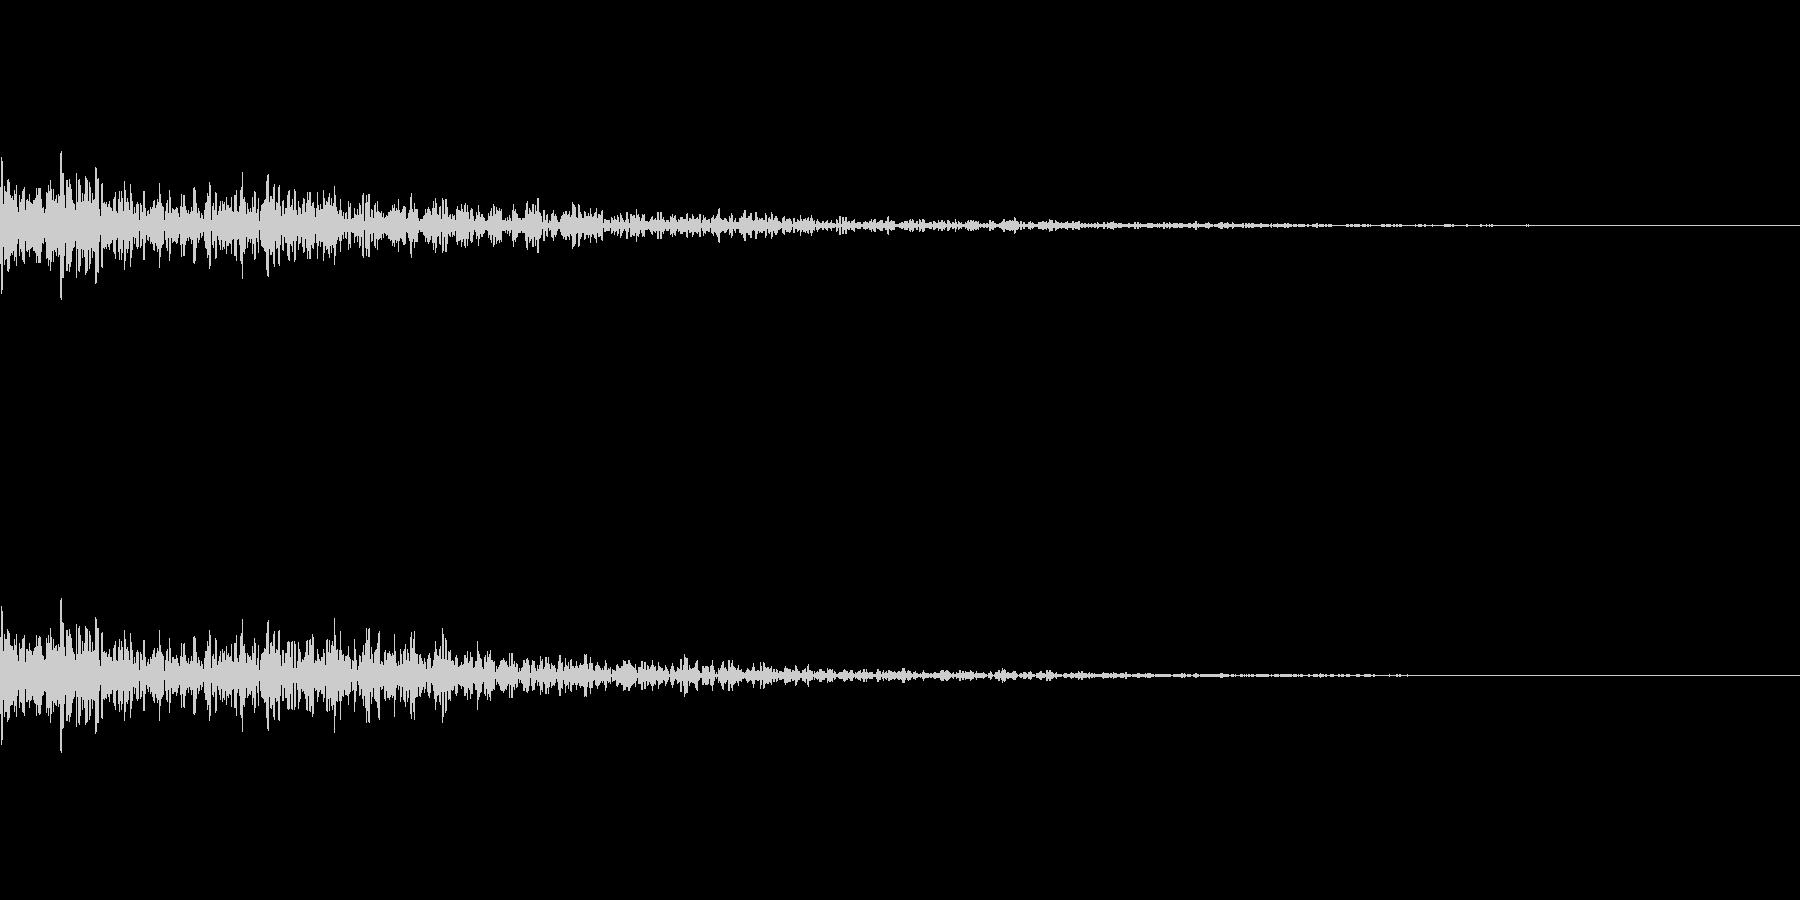 ドスン テロップ 落ちるの未再生の波形